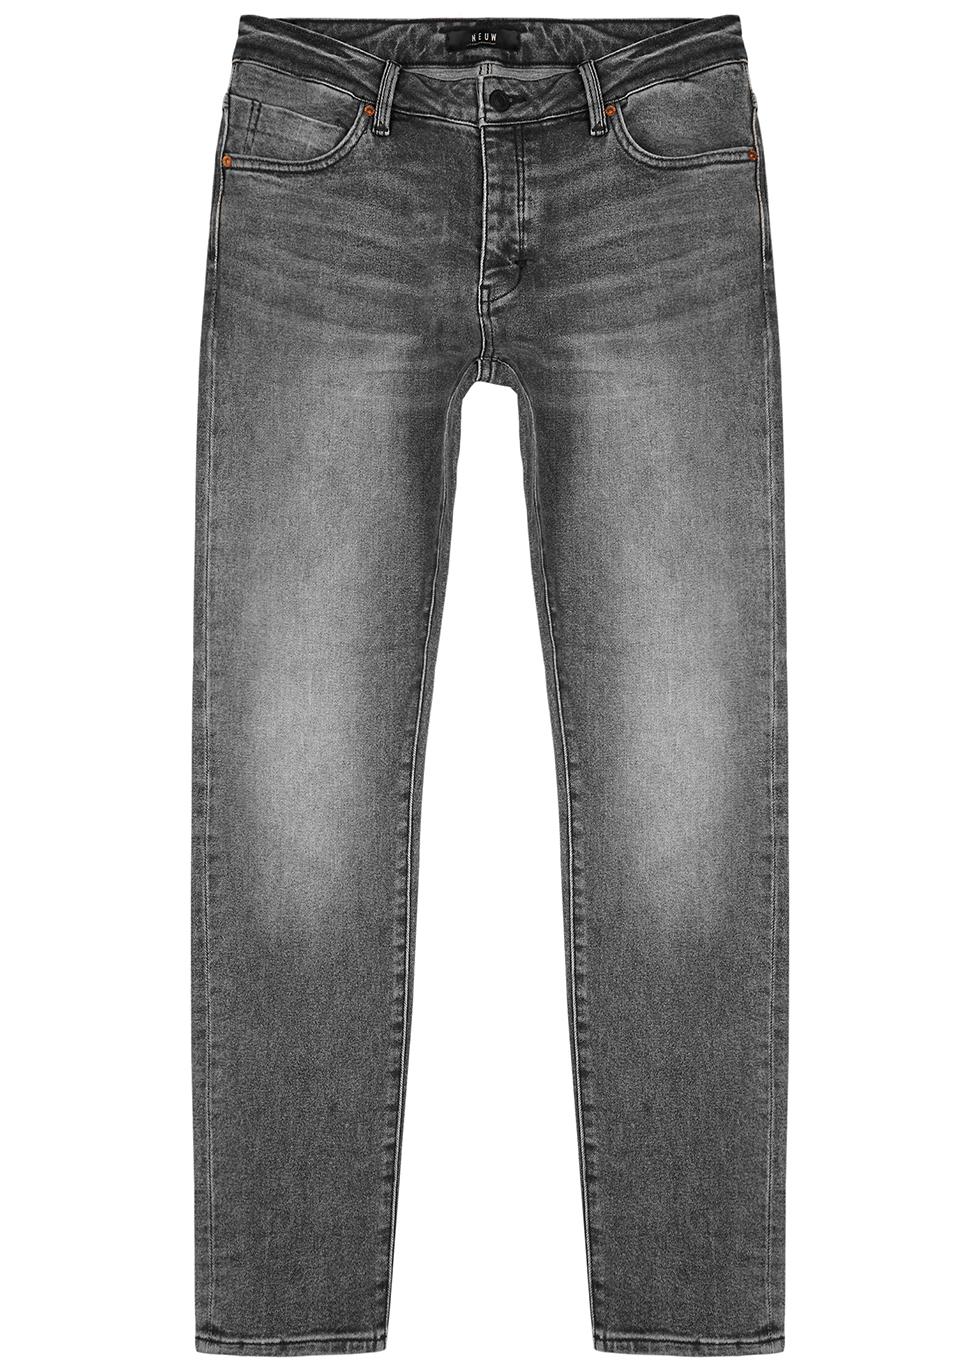 Iggy grey skinny jeans